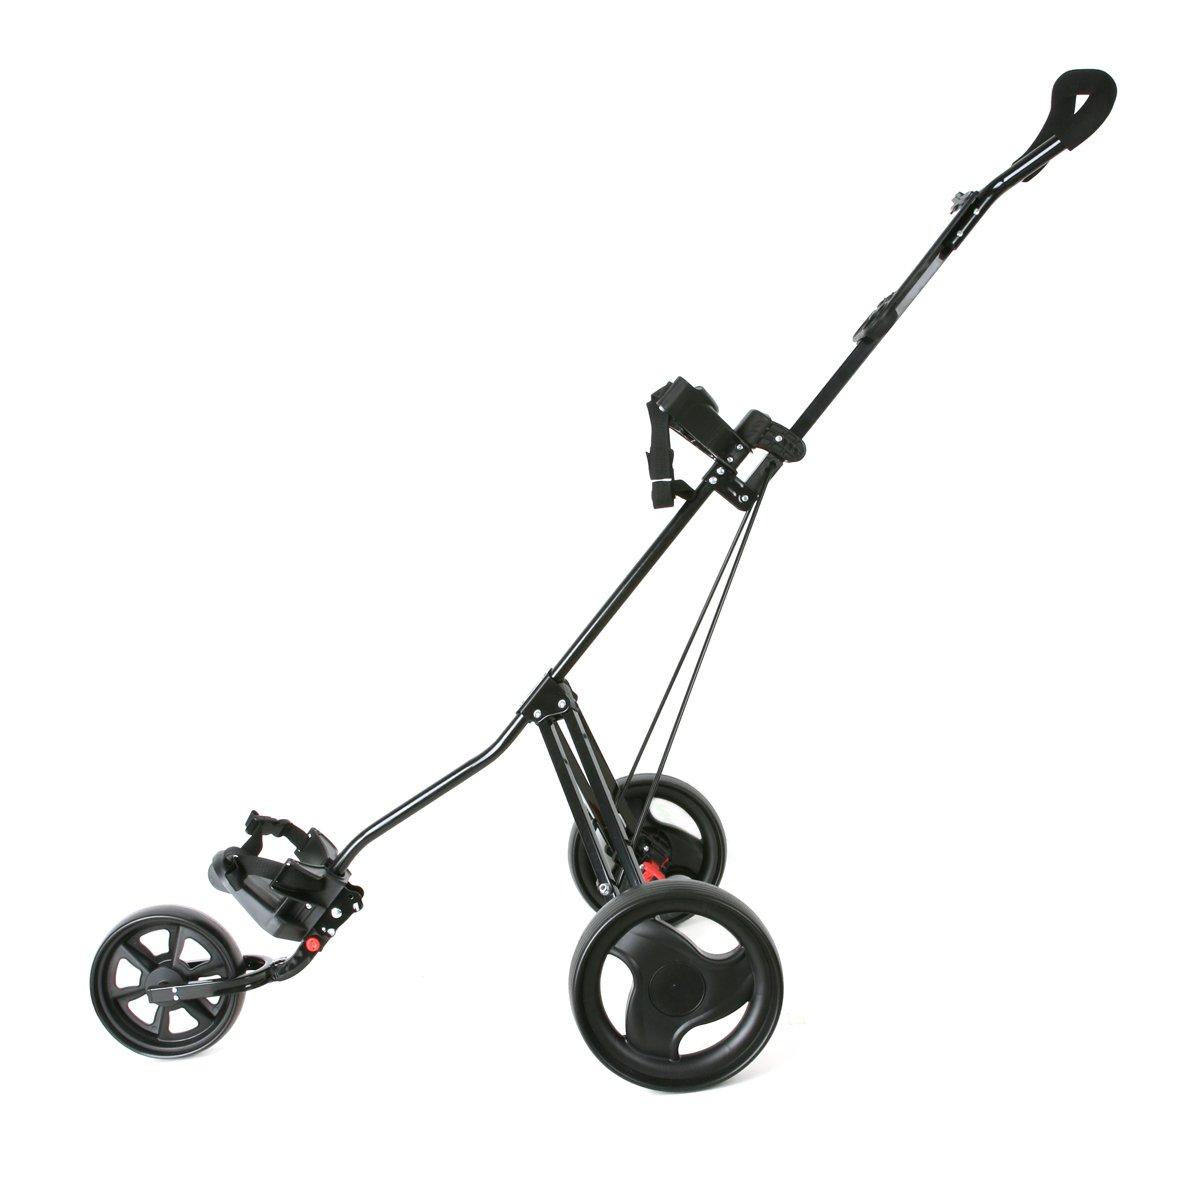 Orlimar Cart Trakker 3 Wheel Golf Cart by Orlimar (Image #4)